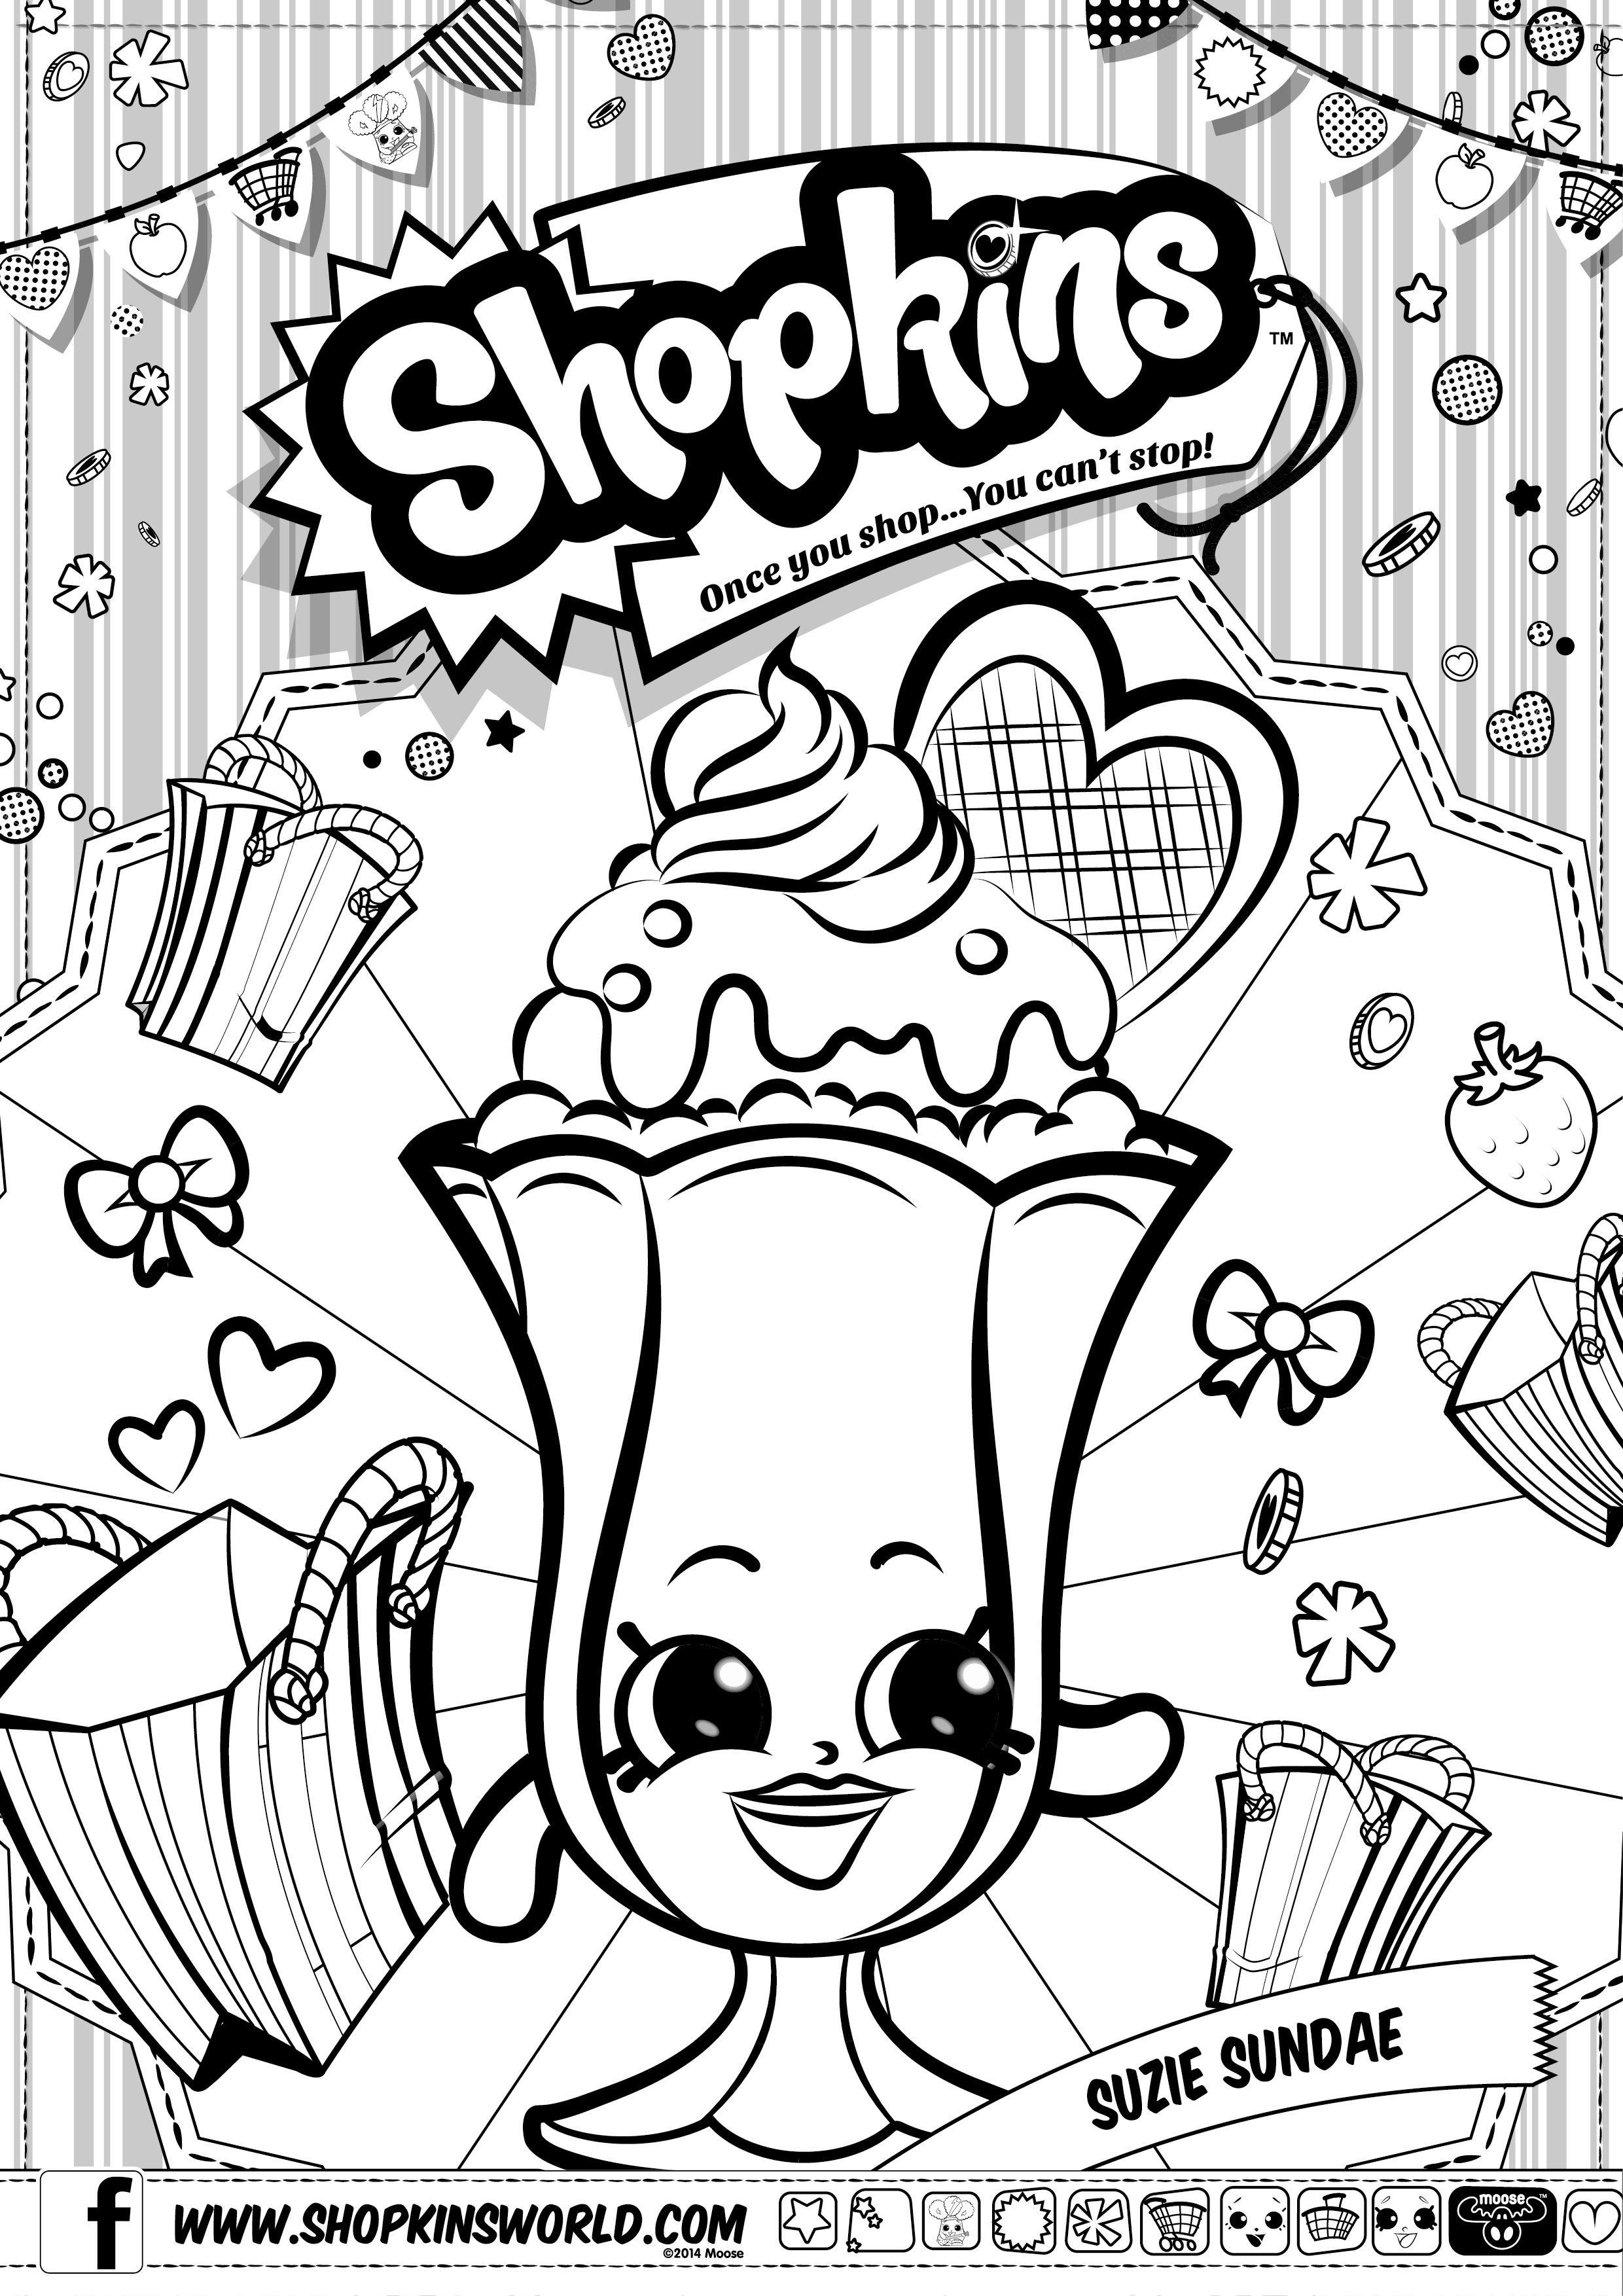 Shopkins Coloring Pages Preschool Printouts Pinterest